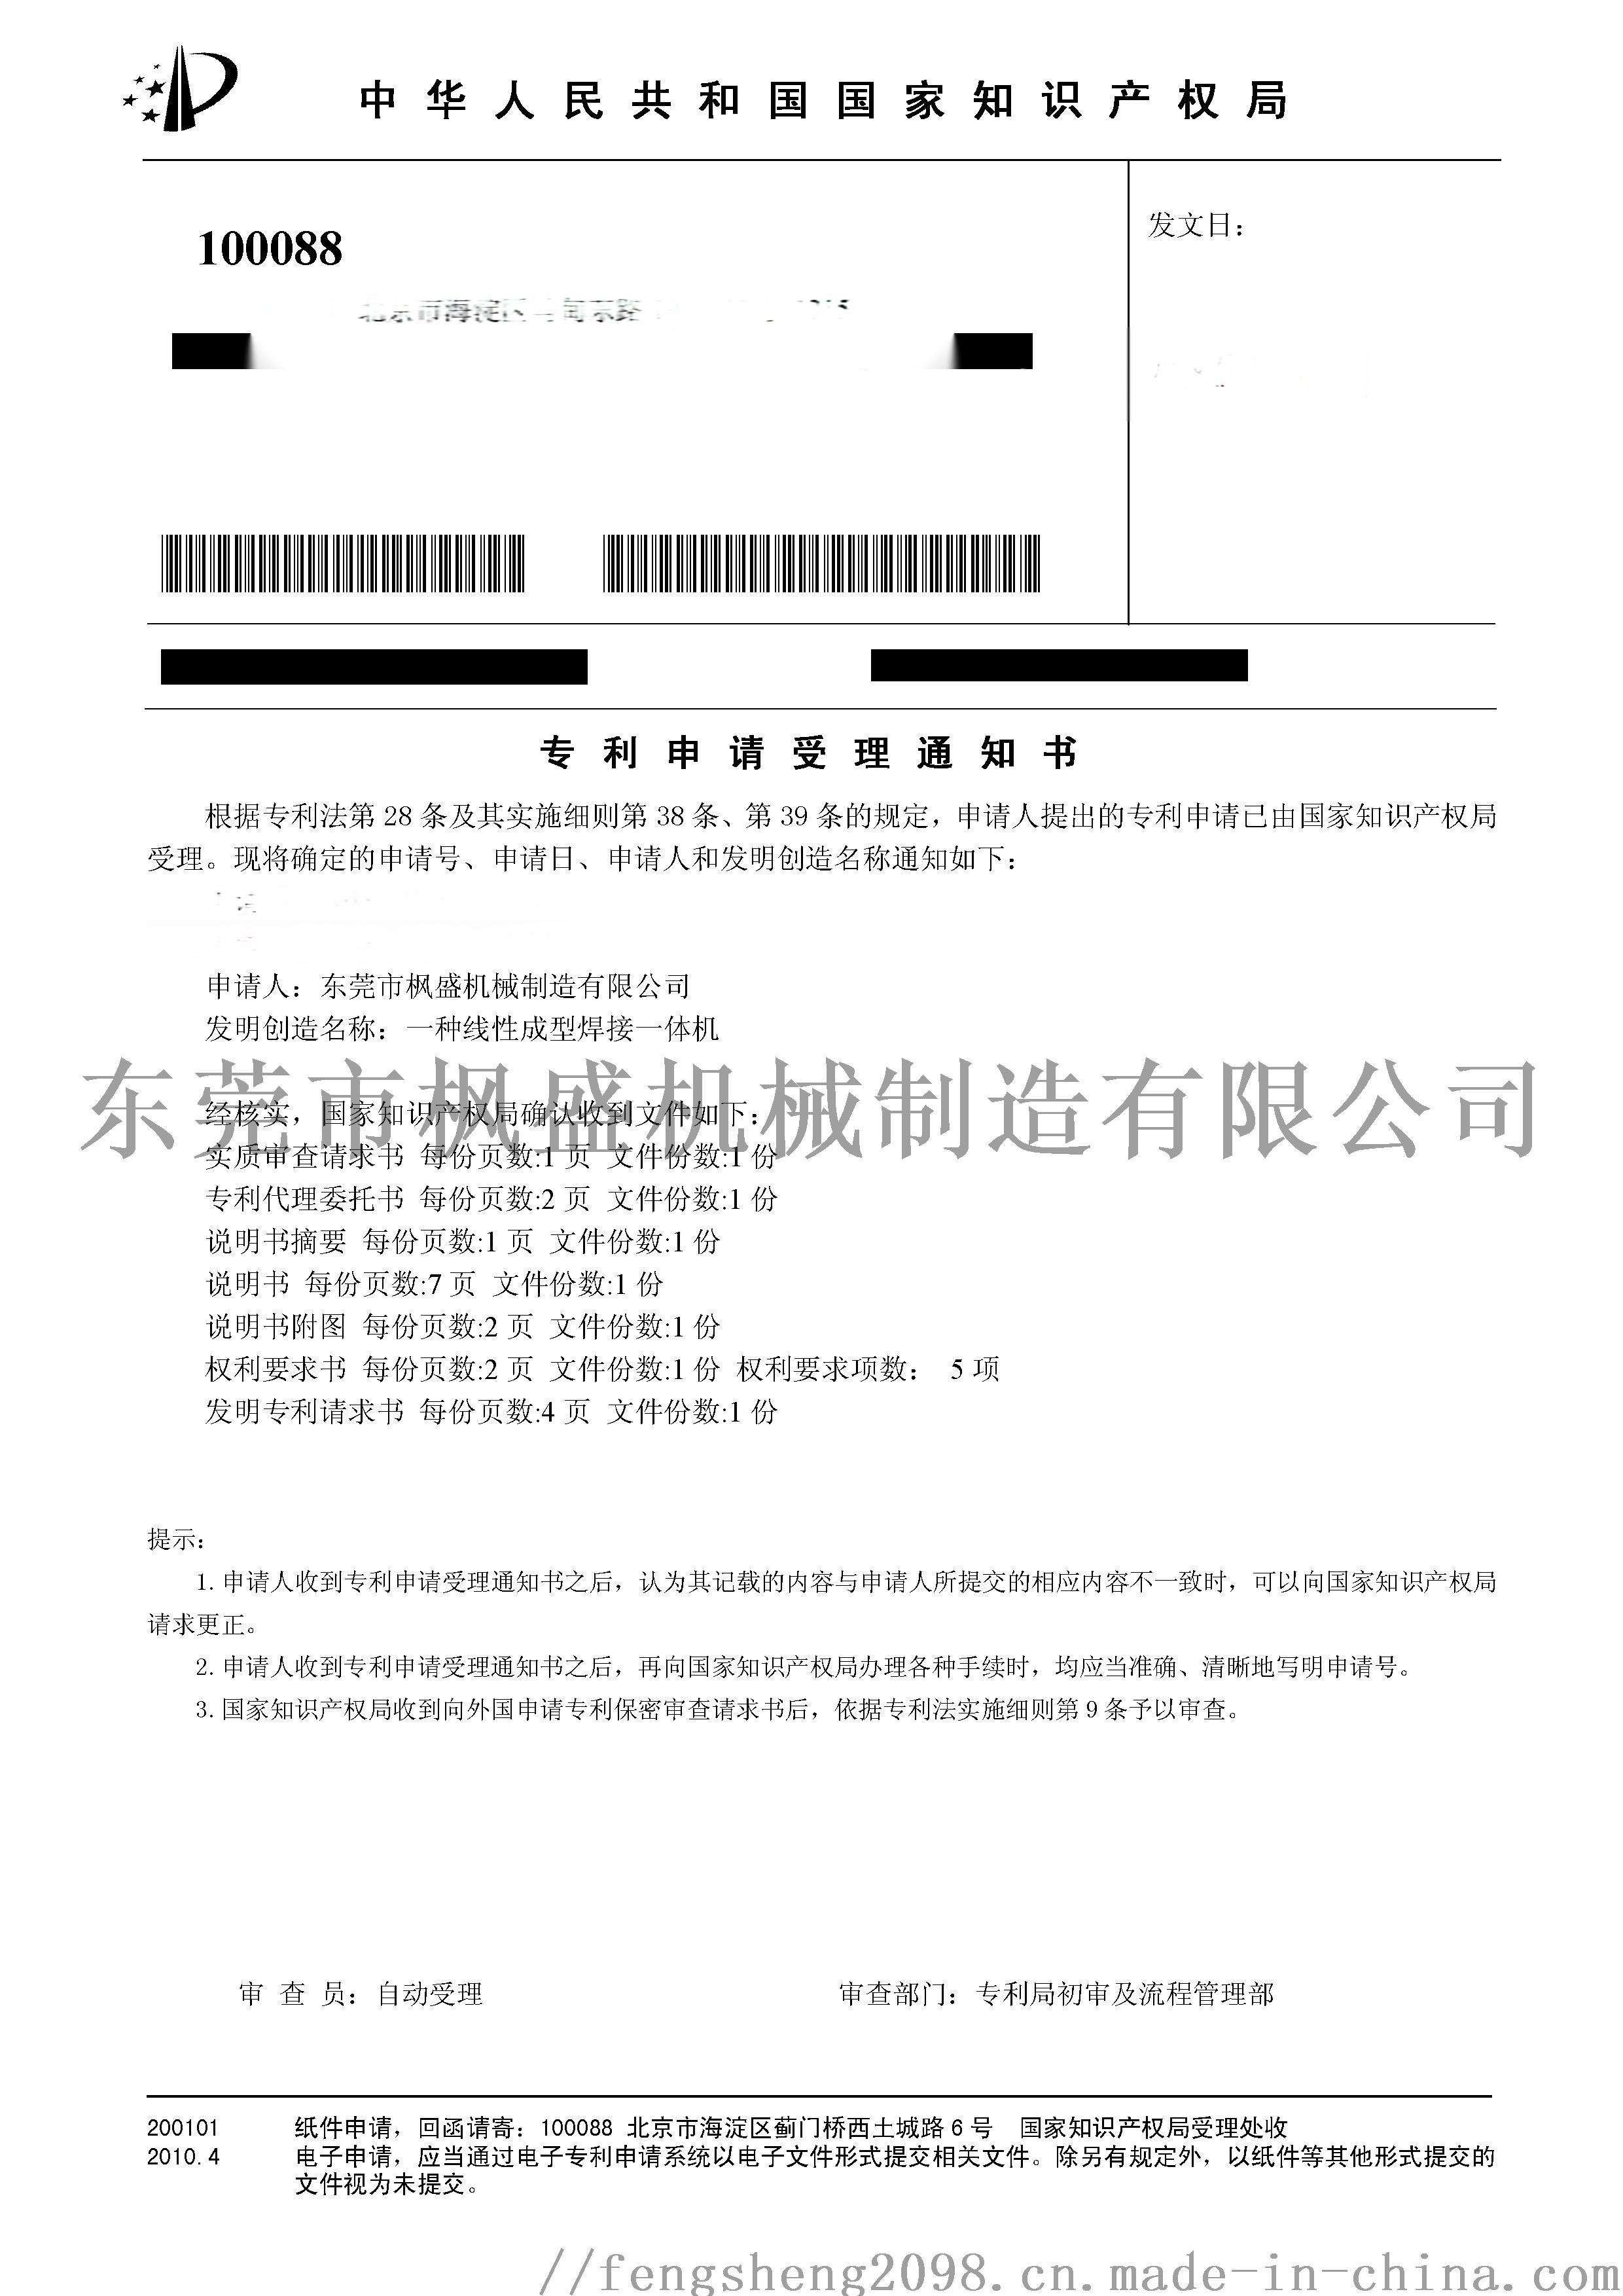 受理2d焊接一体发明专利号.jpg